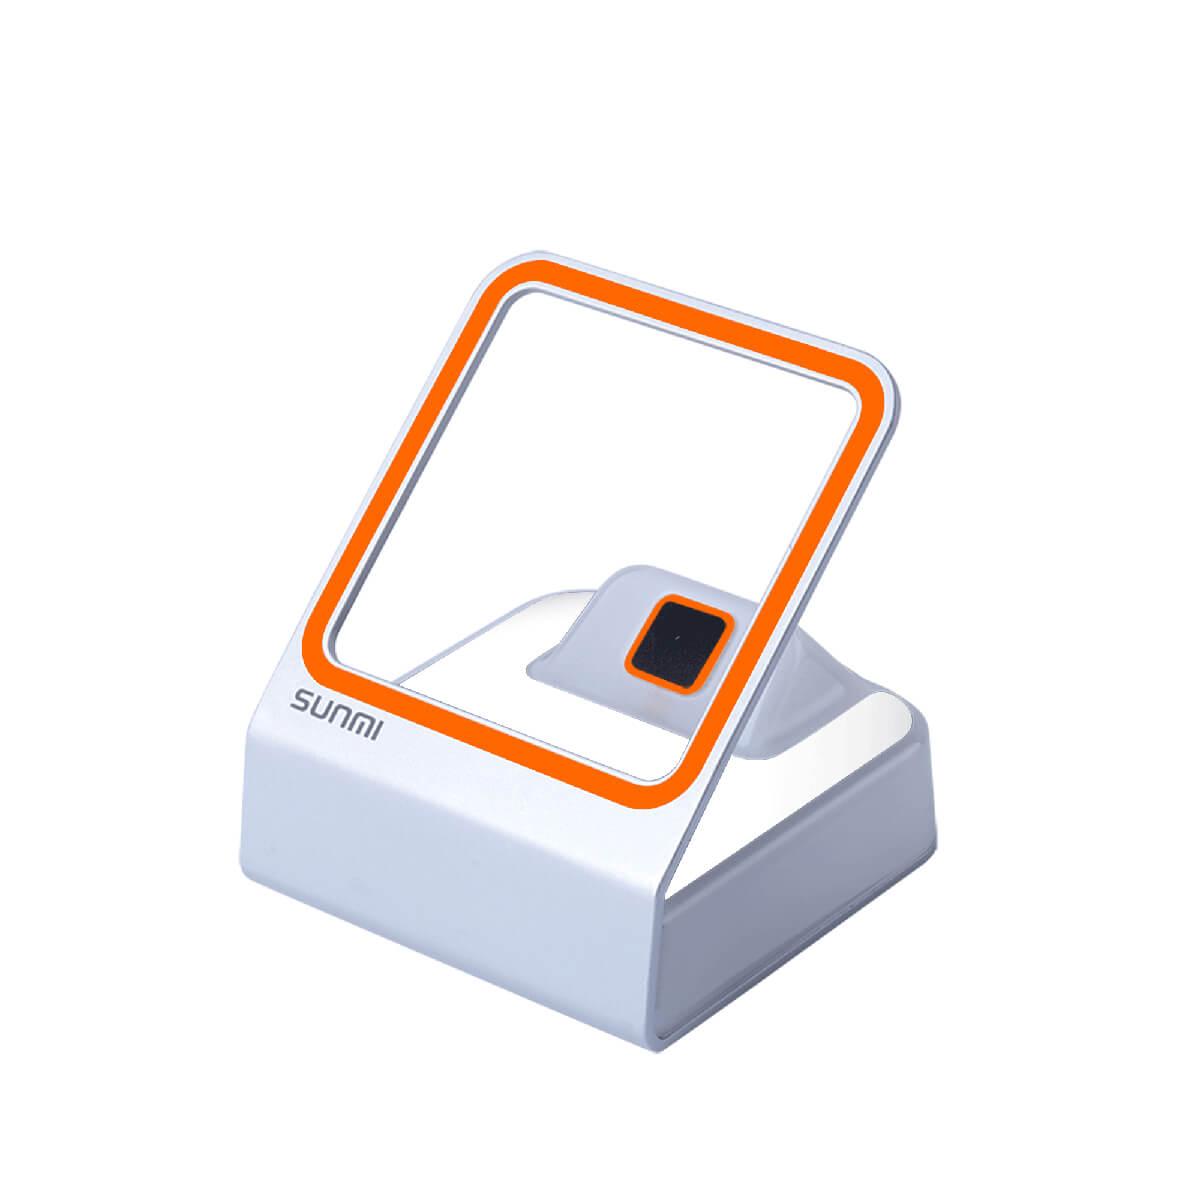 Сканер QR-кодов Mertech SUNMI NS010